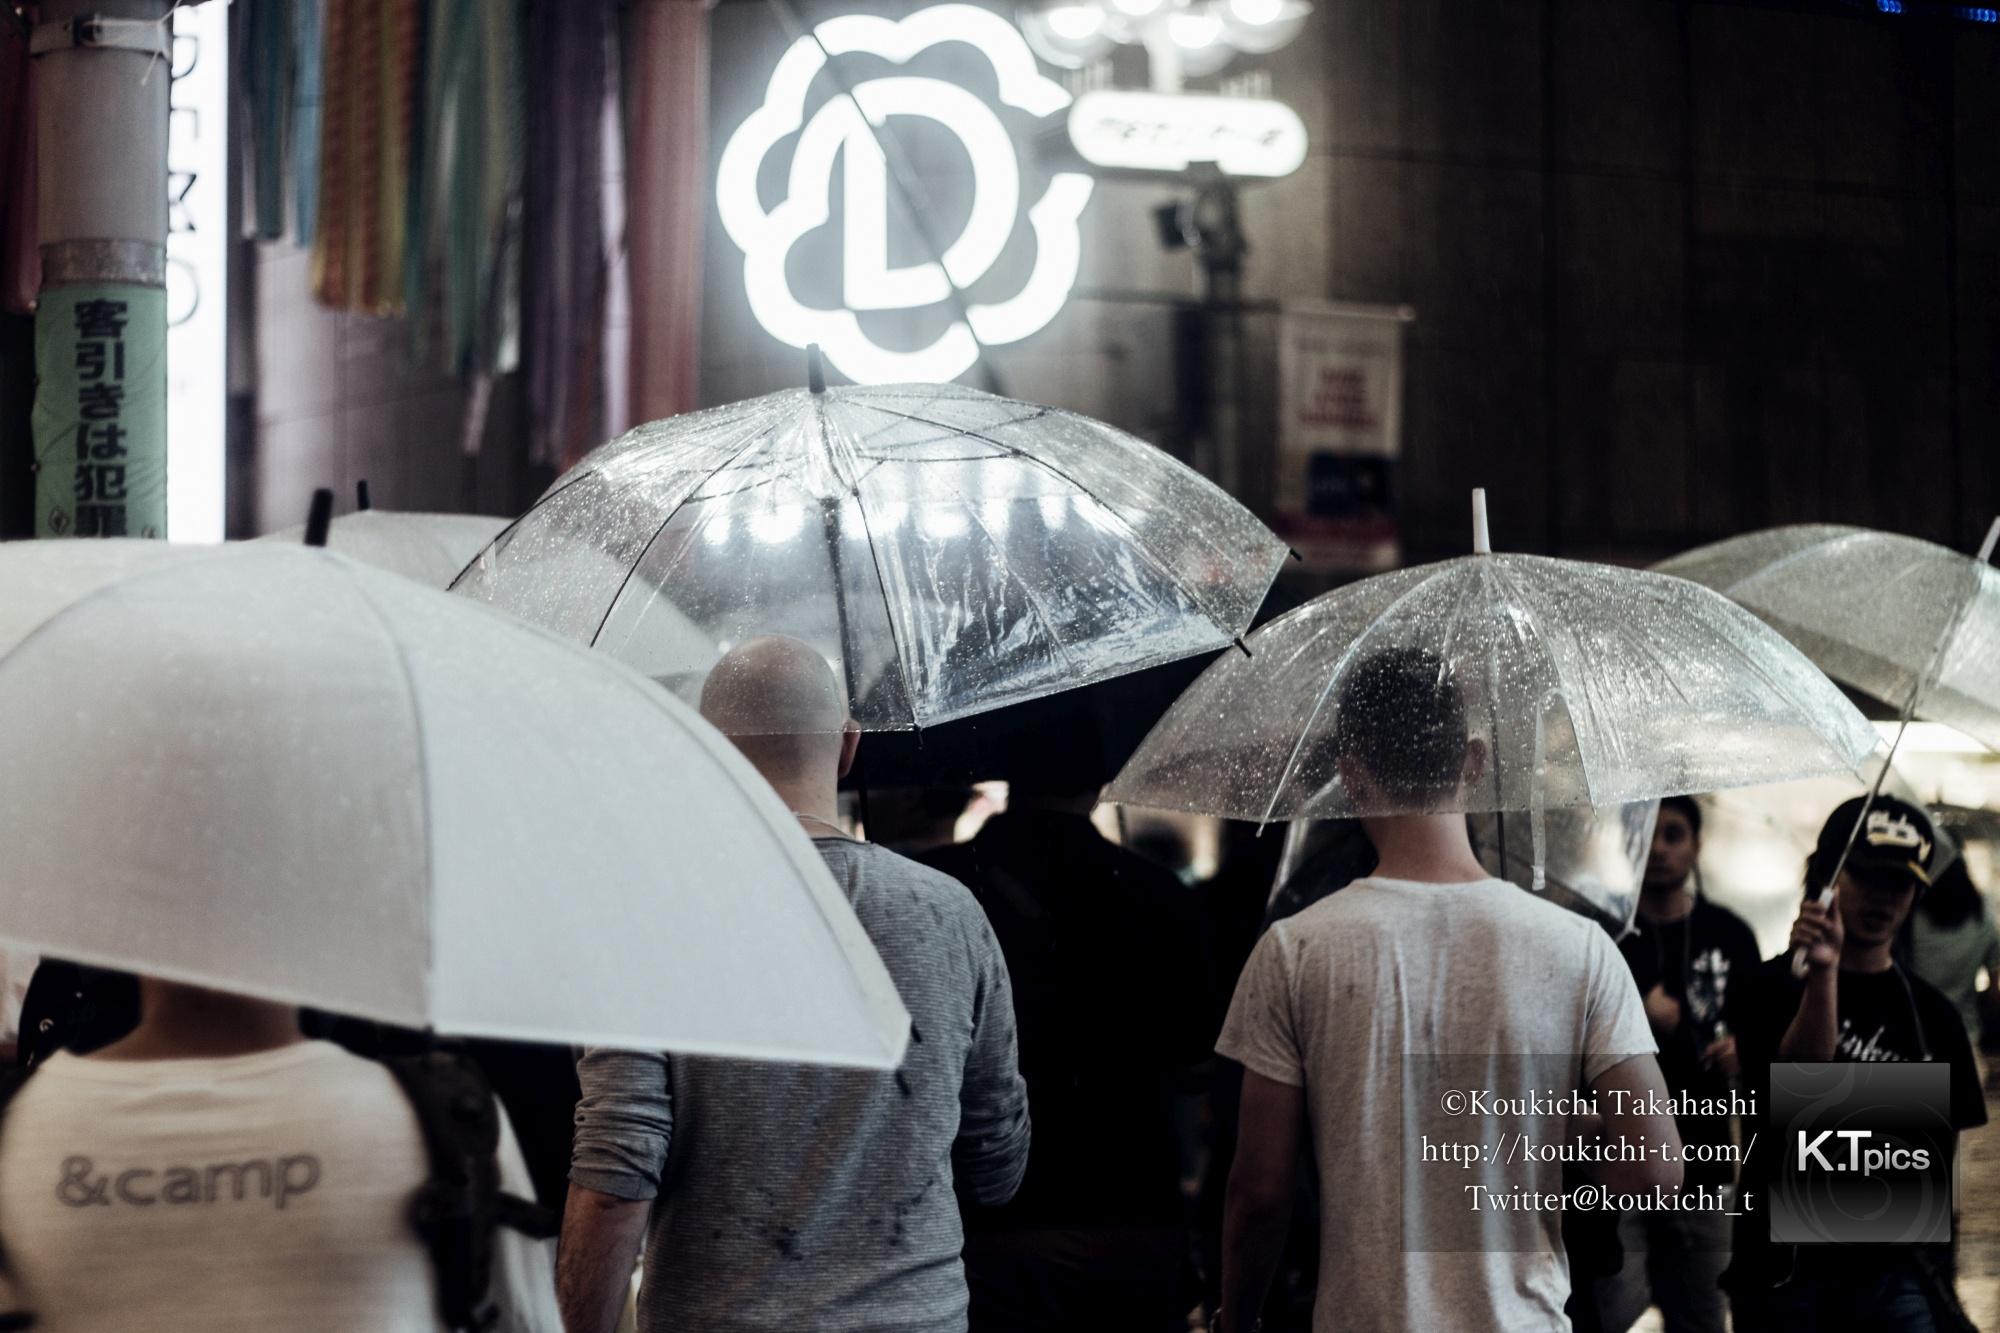 インスタグラムに雨の渋谷センター街の写真をアップ!